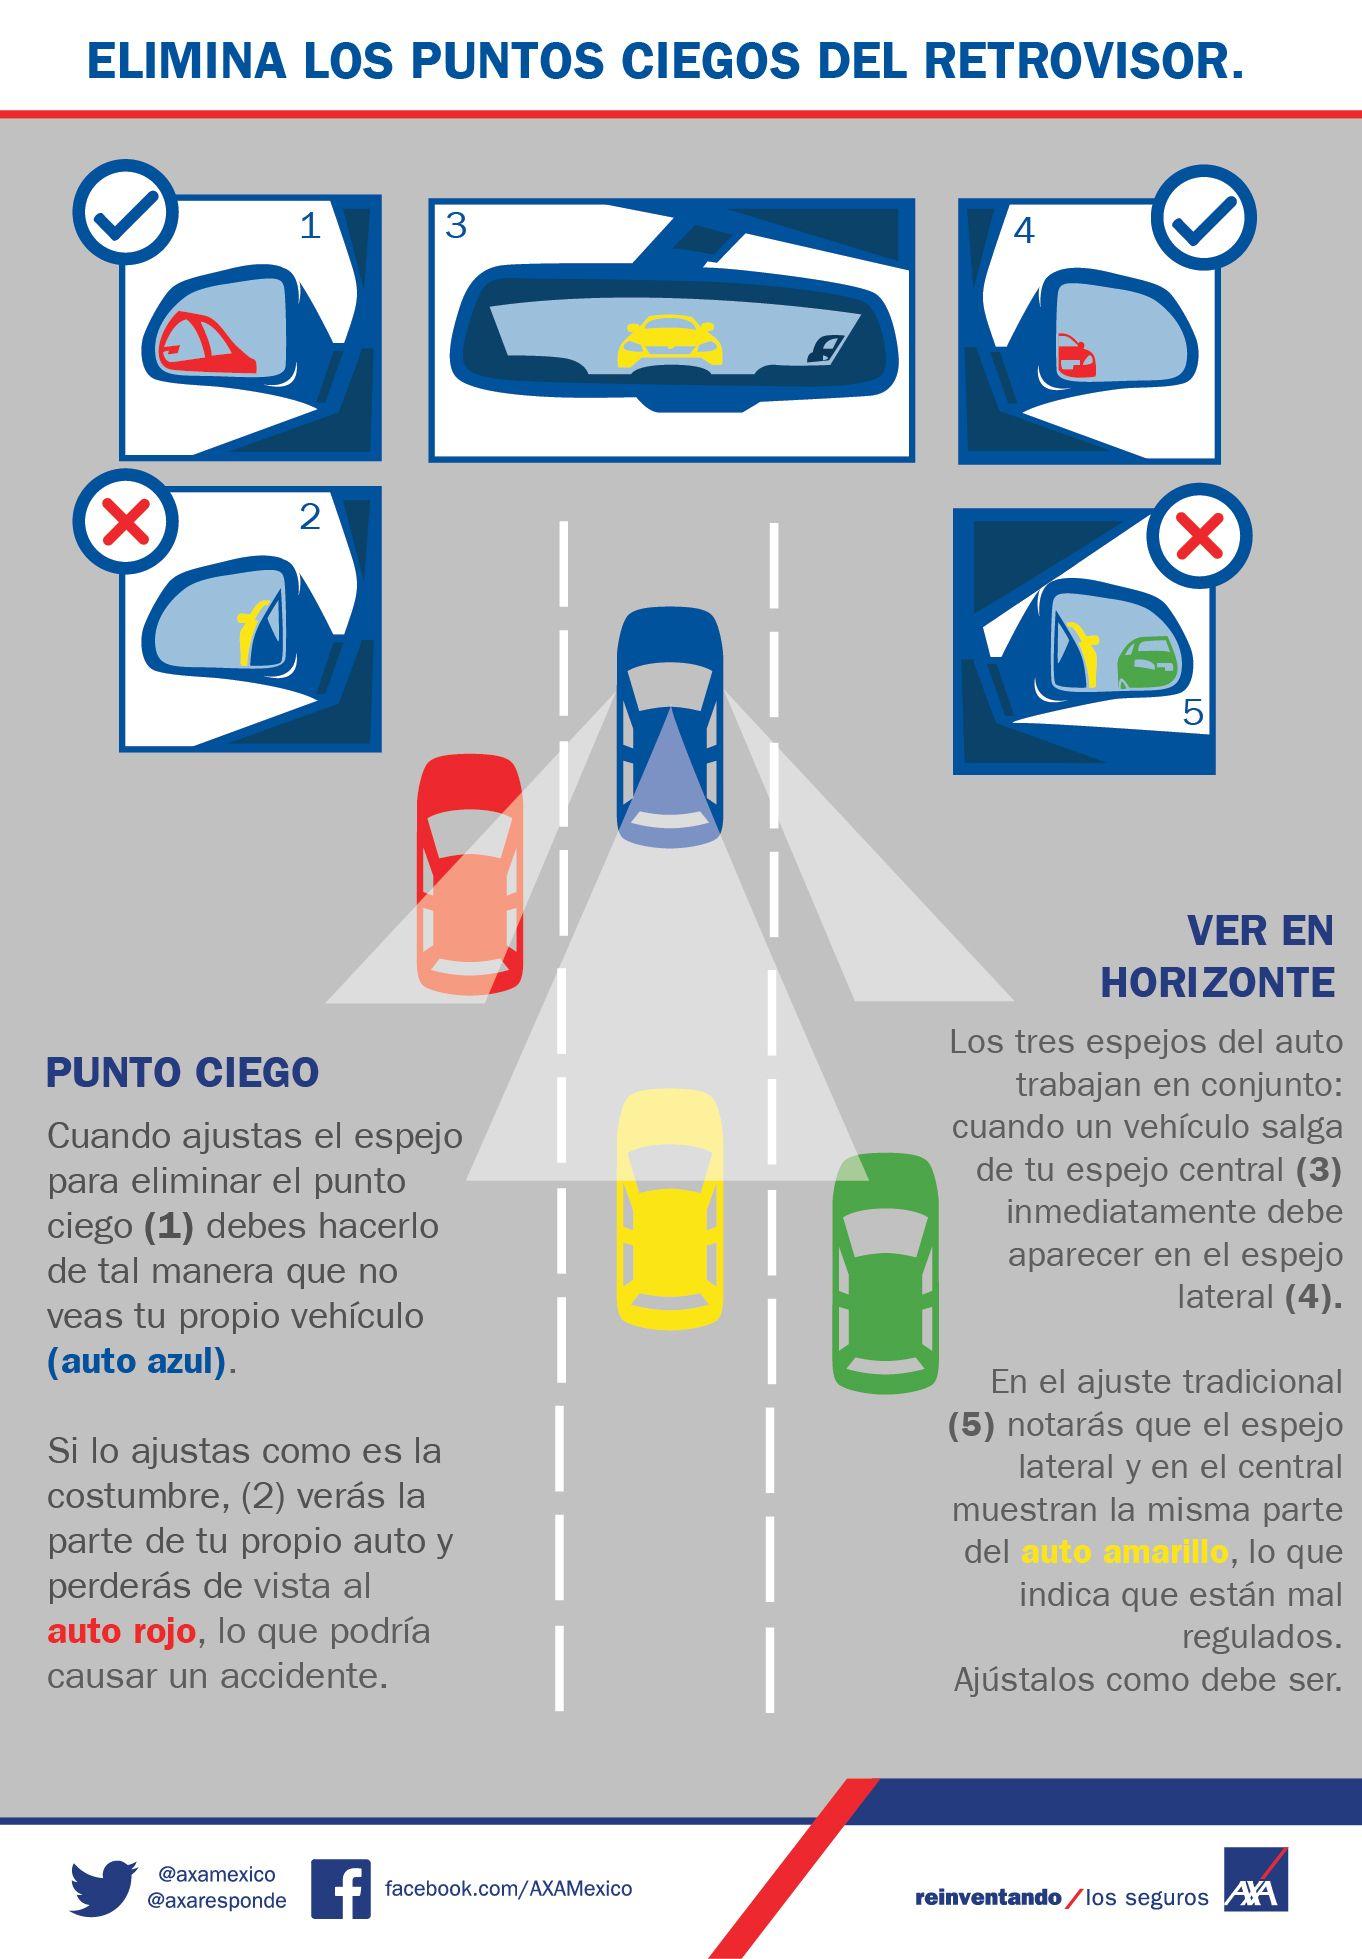 Coloca Bien Tus Espejos Y Respeta A Los Demas Usuarios De La Via Publica Www Axa Mx Con Imagenes Consejos De Seguridad Vial Cosas De Coche Mecanico De Autos